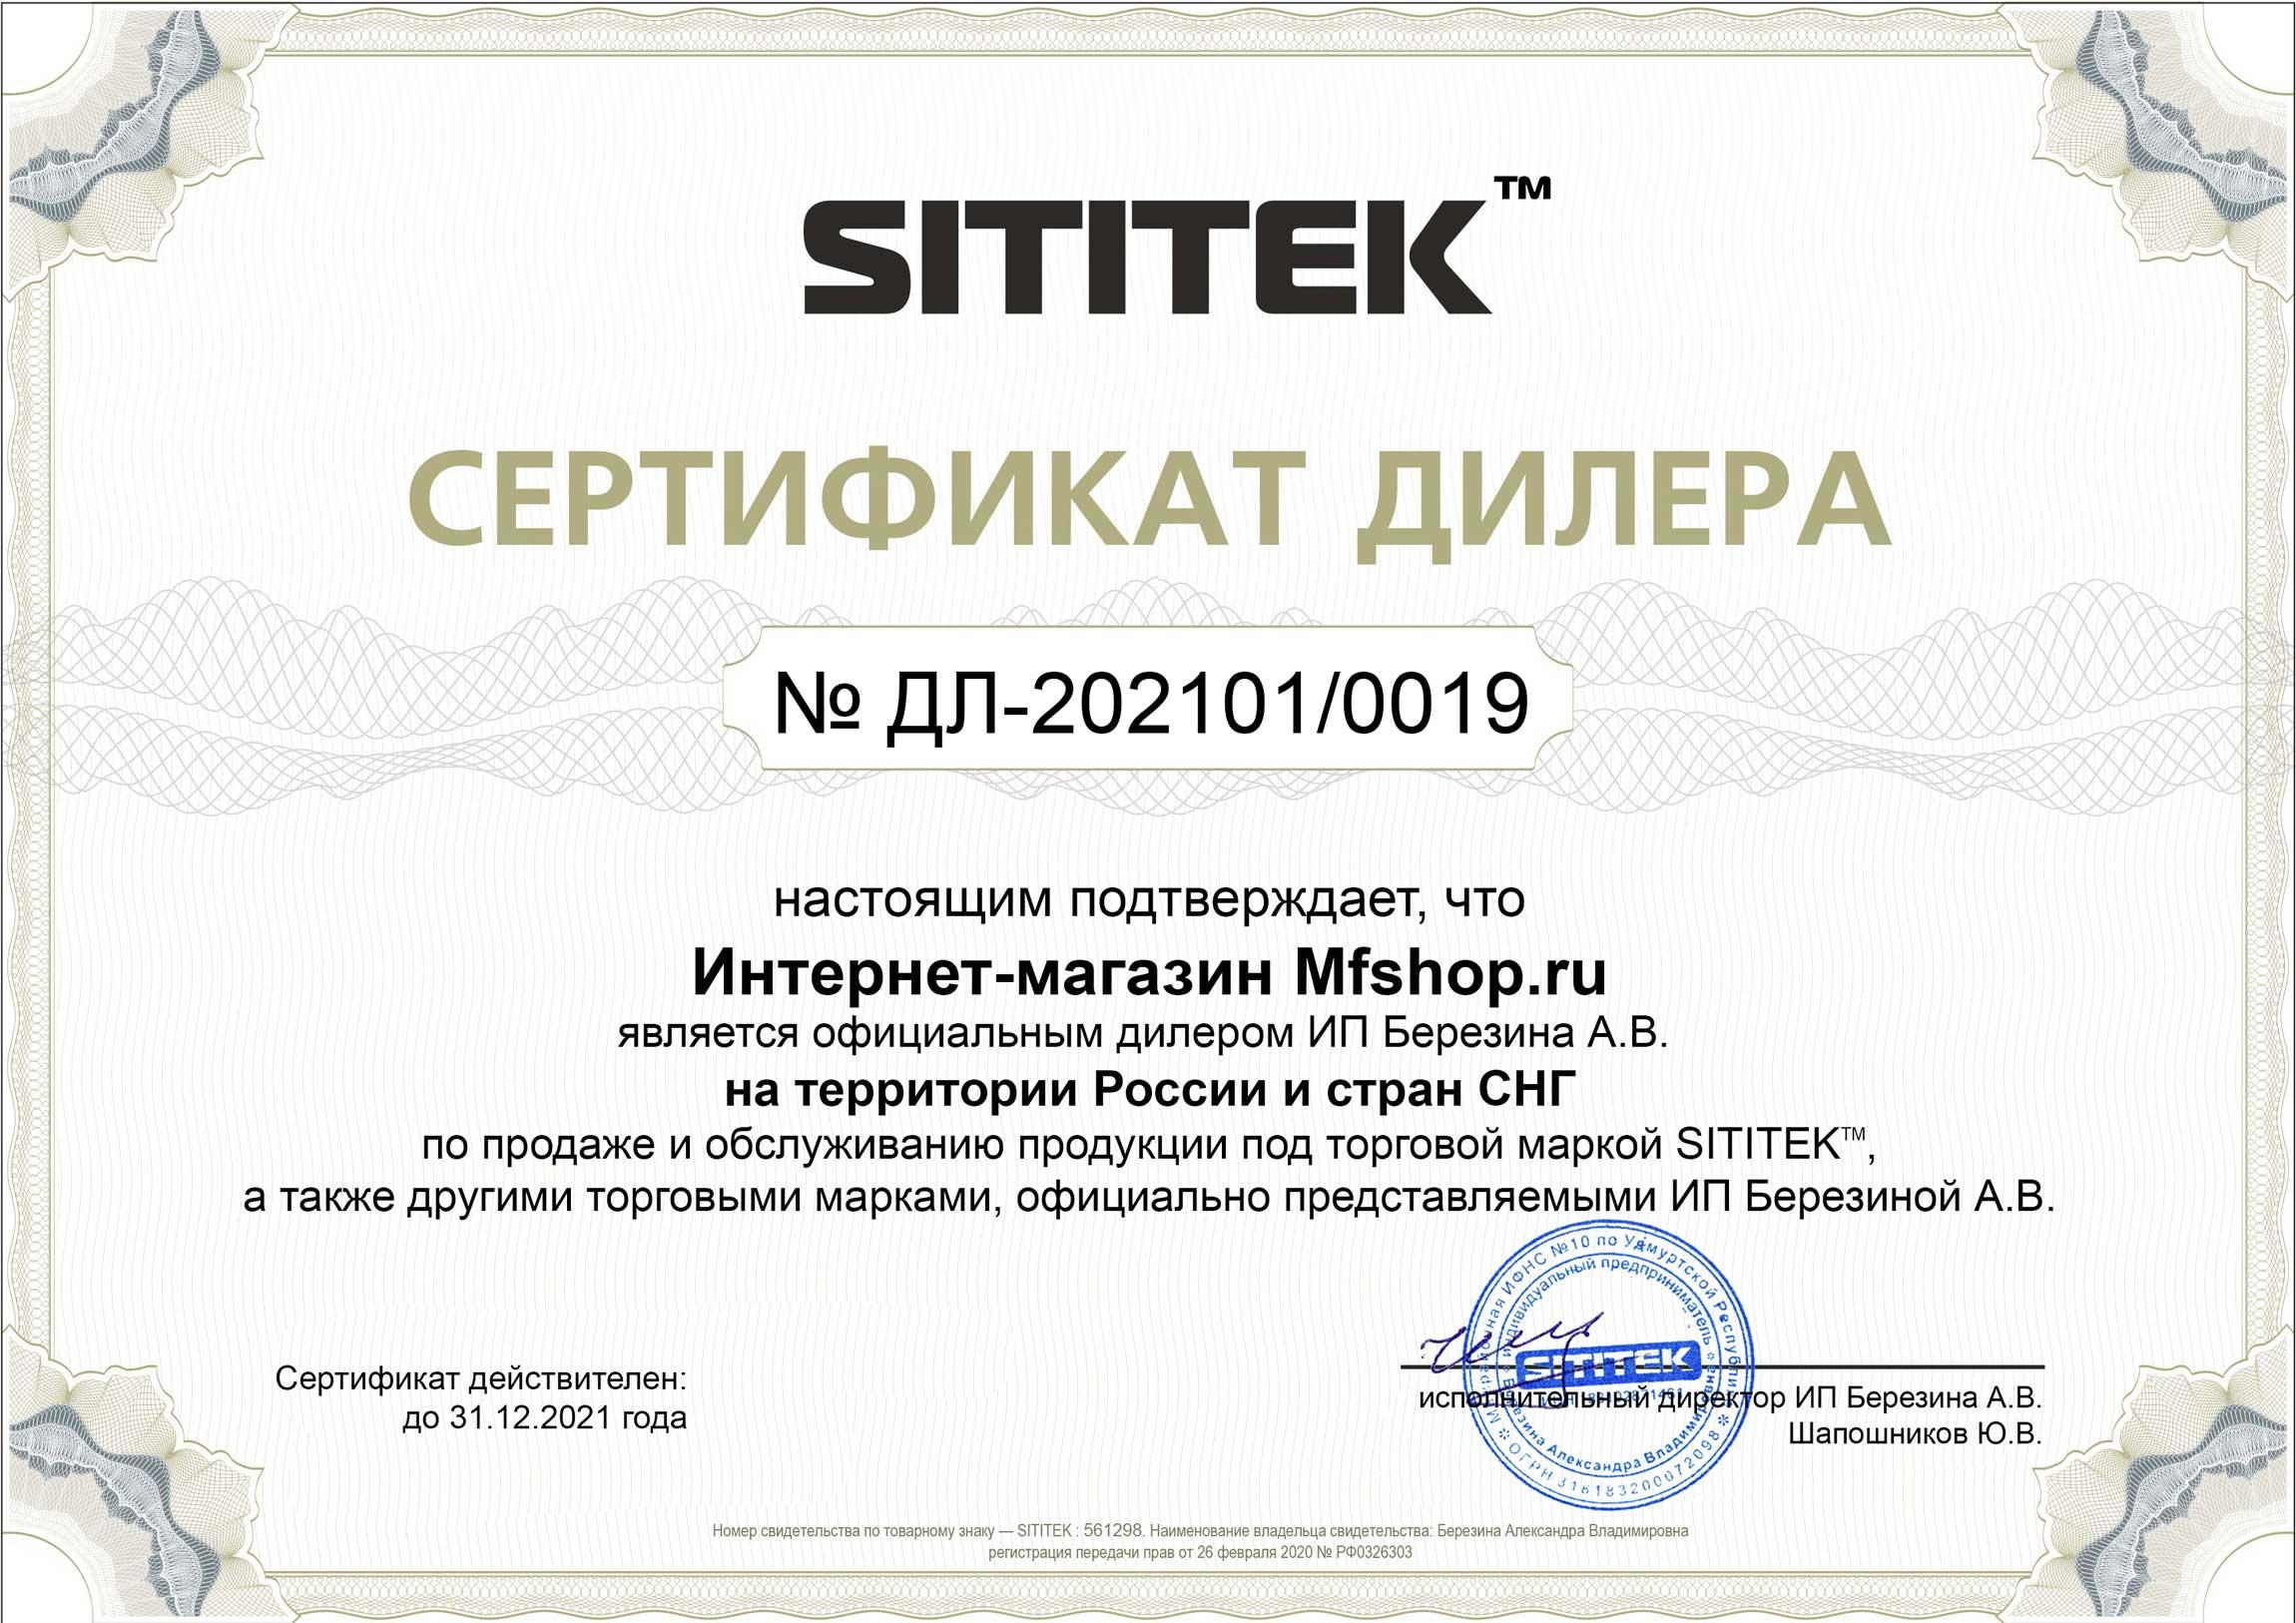 Наш магазин является официальным дистрибьютором товаров SITITEK и имеет соответствующий сертификат (нажмите для увеличения)